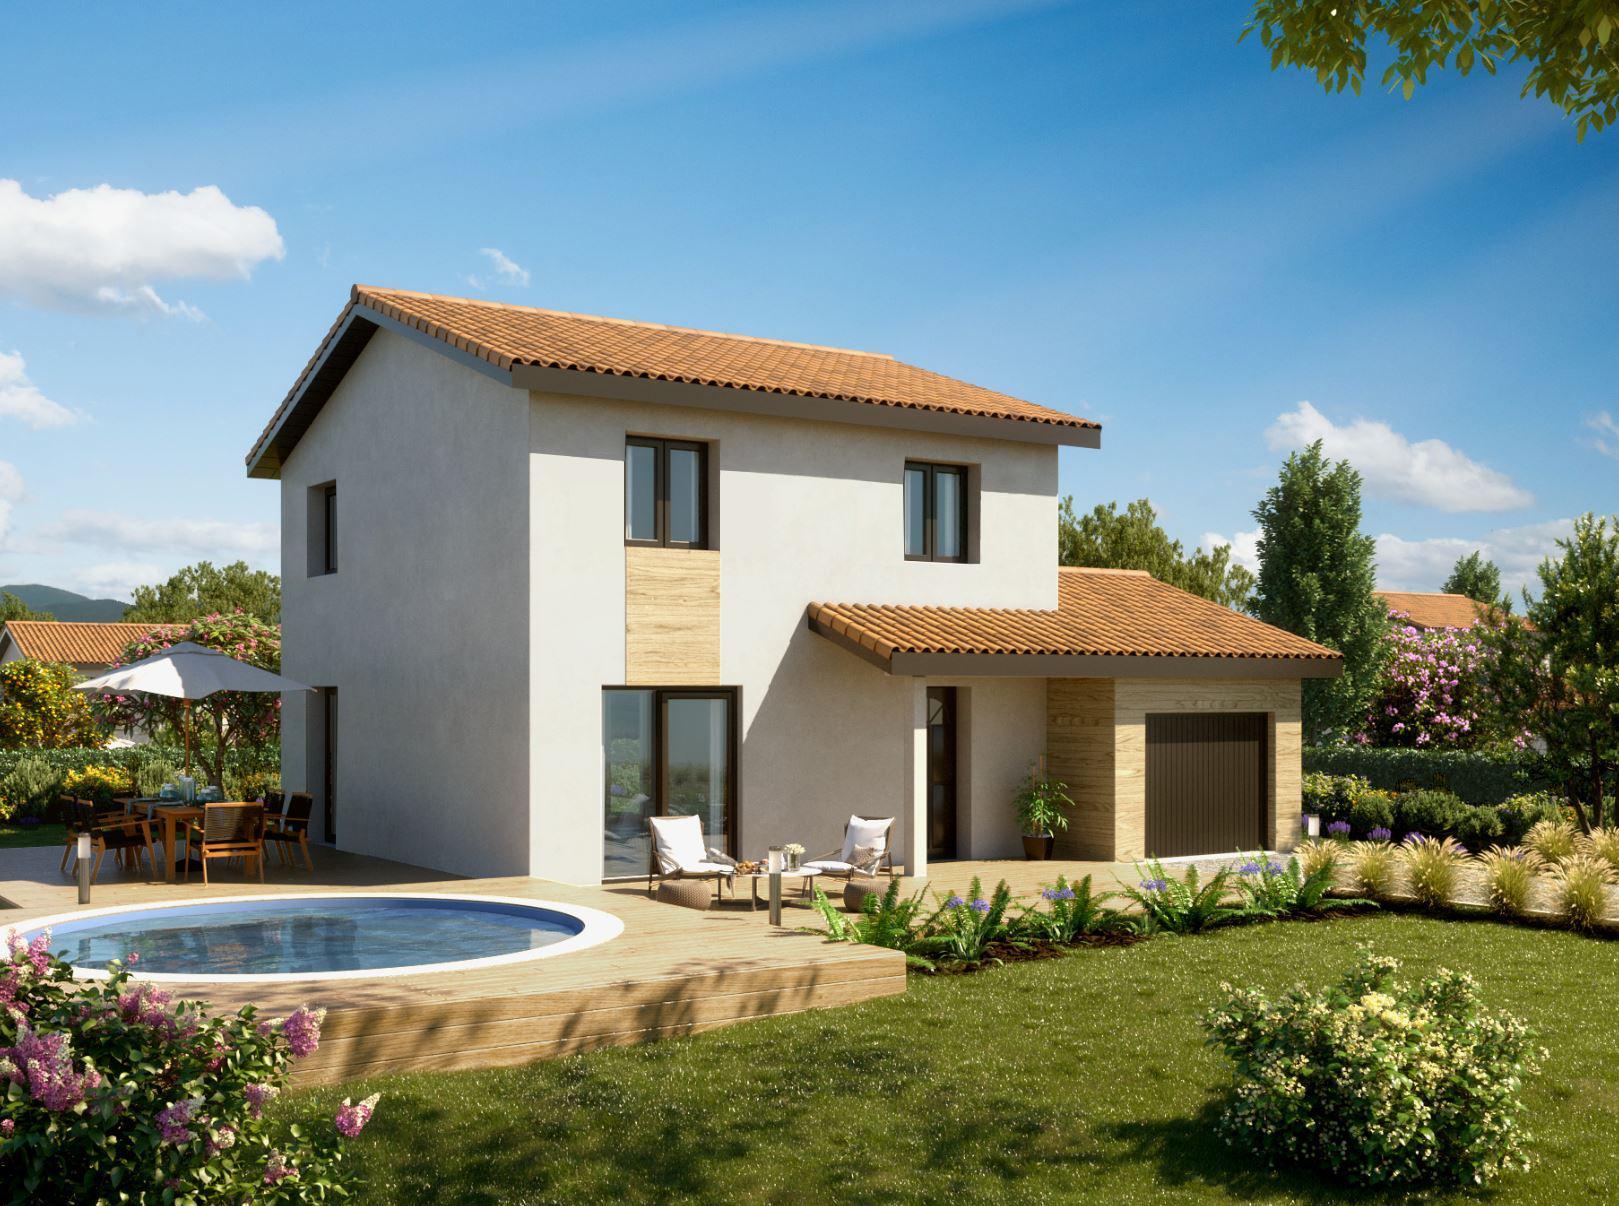 Maisons + Terrains du constructeur MAISONS PUNCH • 94 m² • LES OLMES